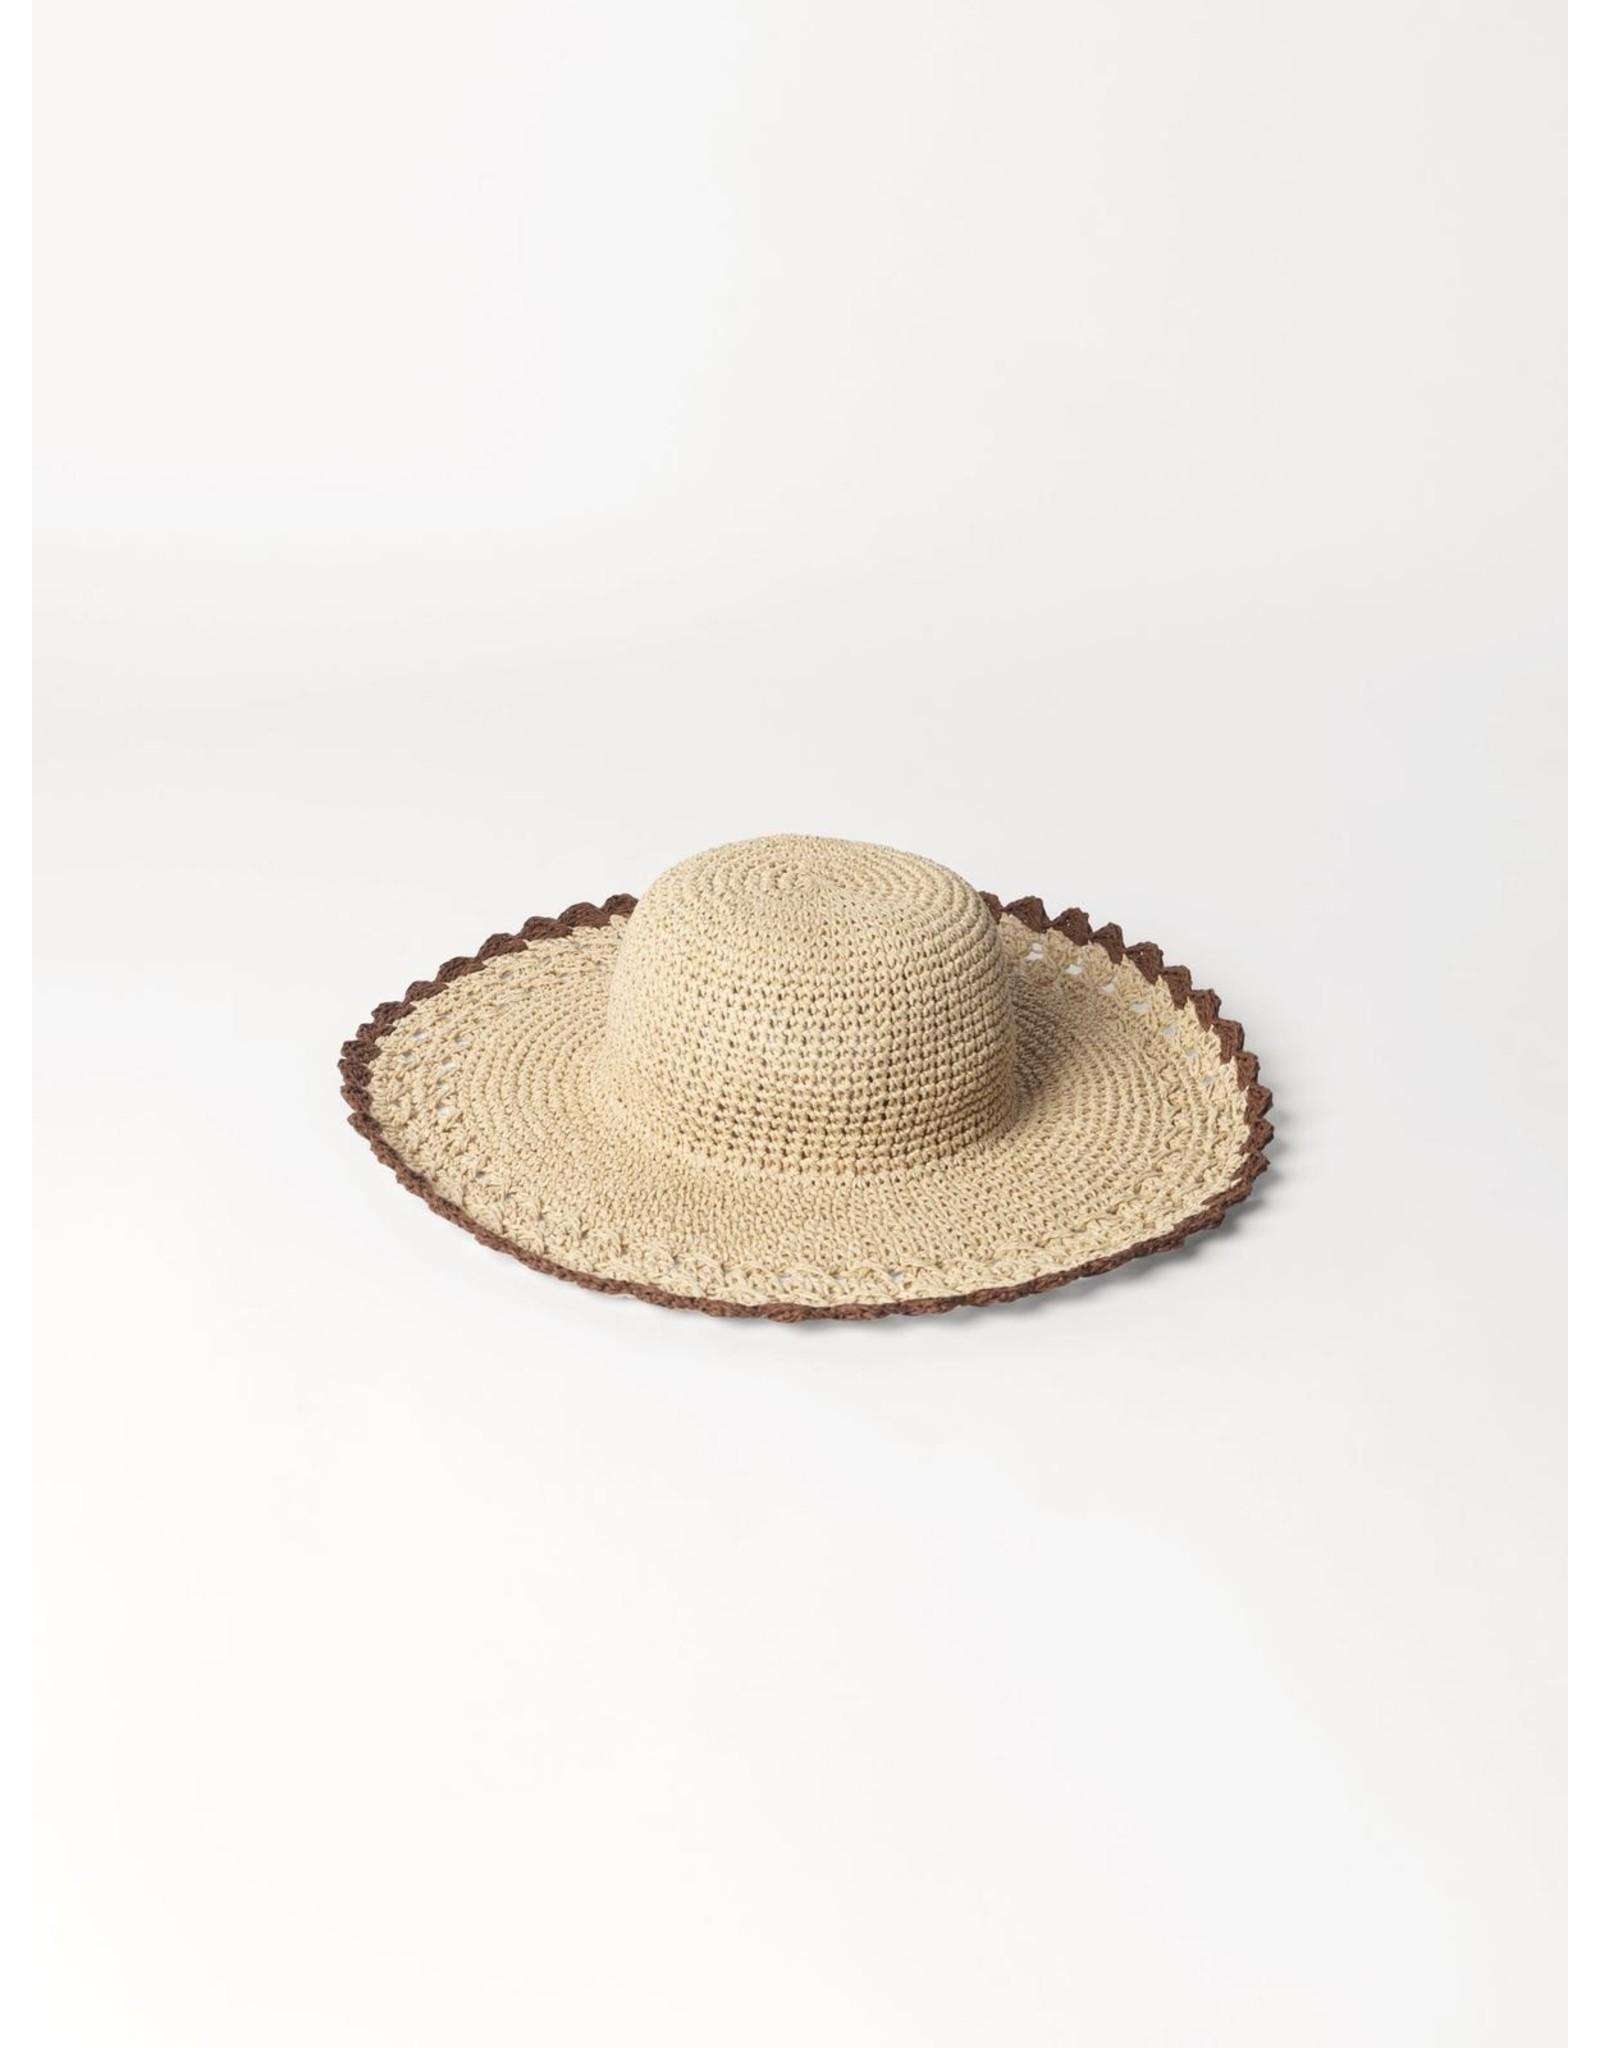 Rieten hoed one size